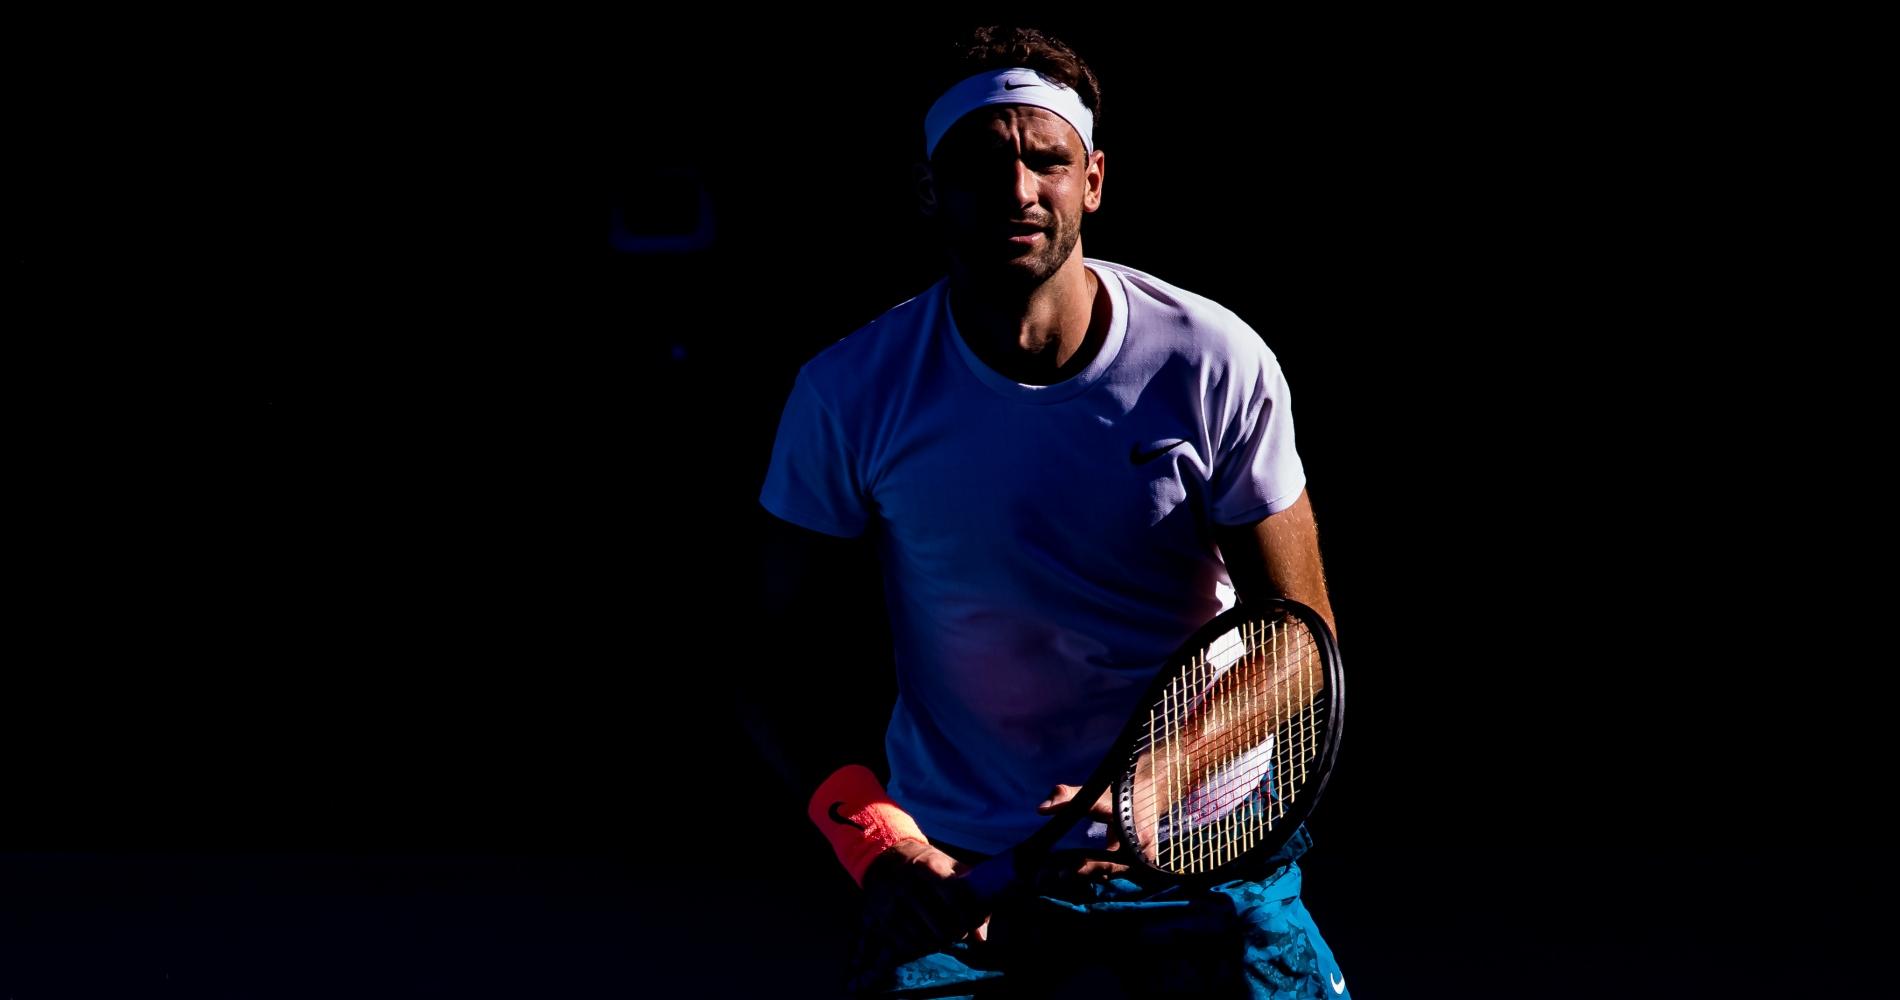 San Diego Open 2021: Aslan Karatsev vs Grigor Dimitrov Tennis Pick and Prediction